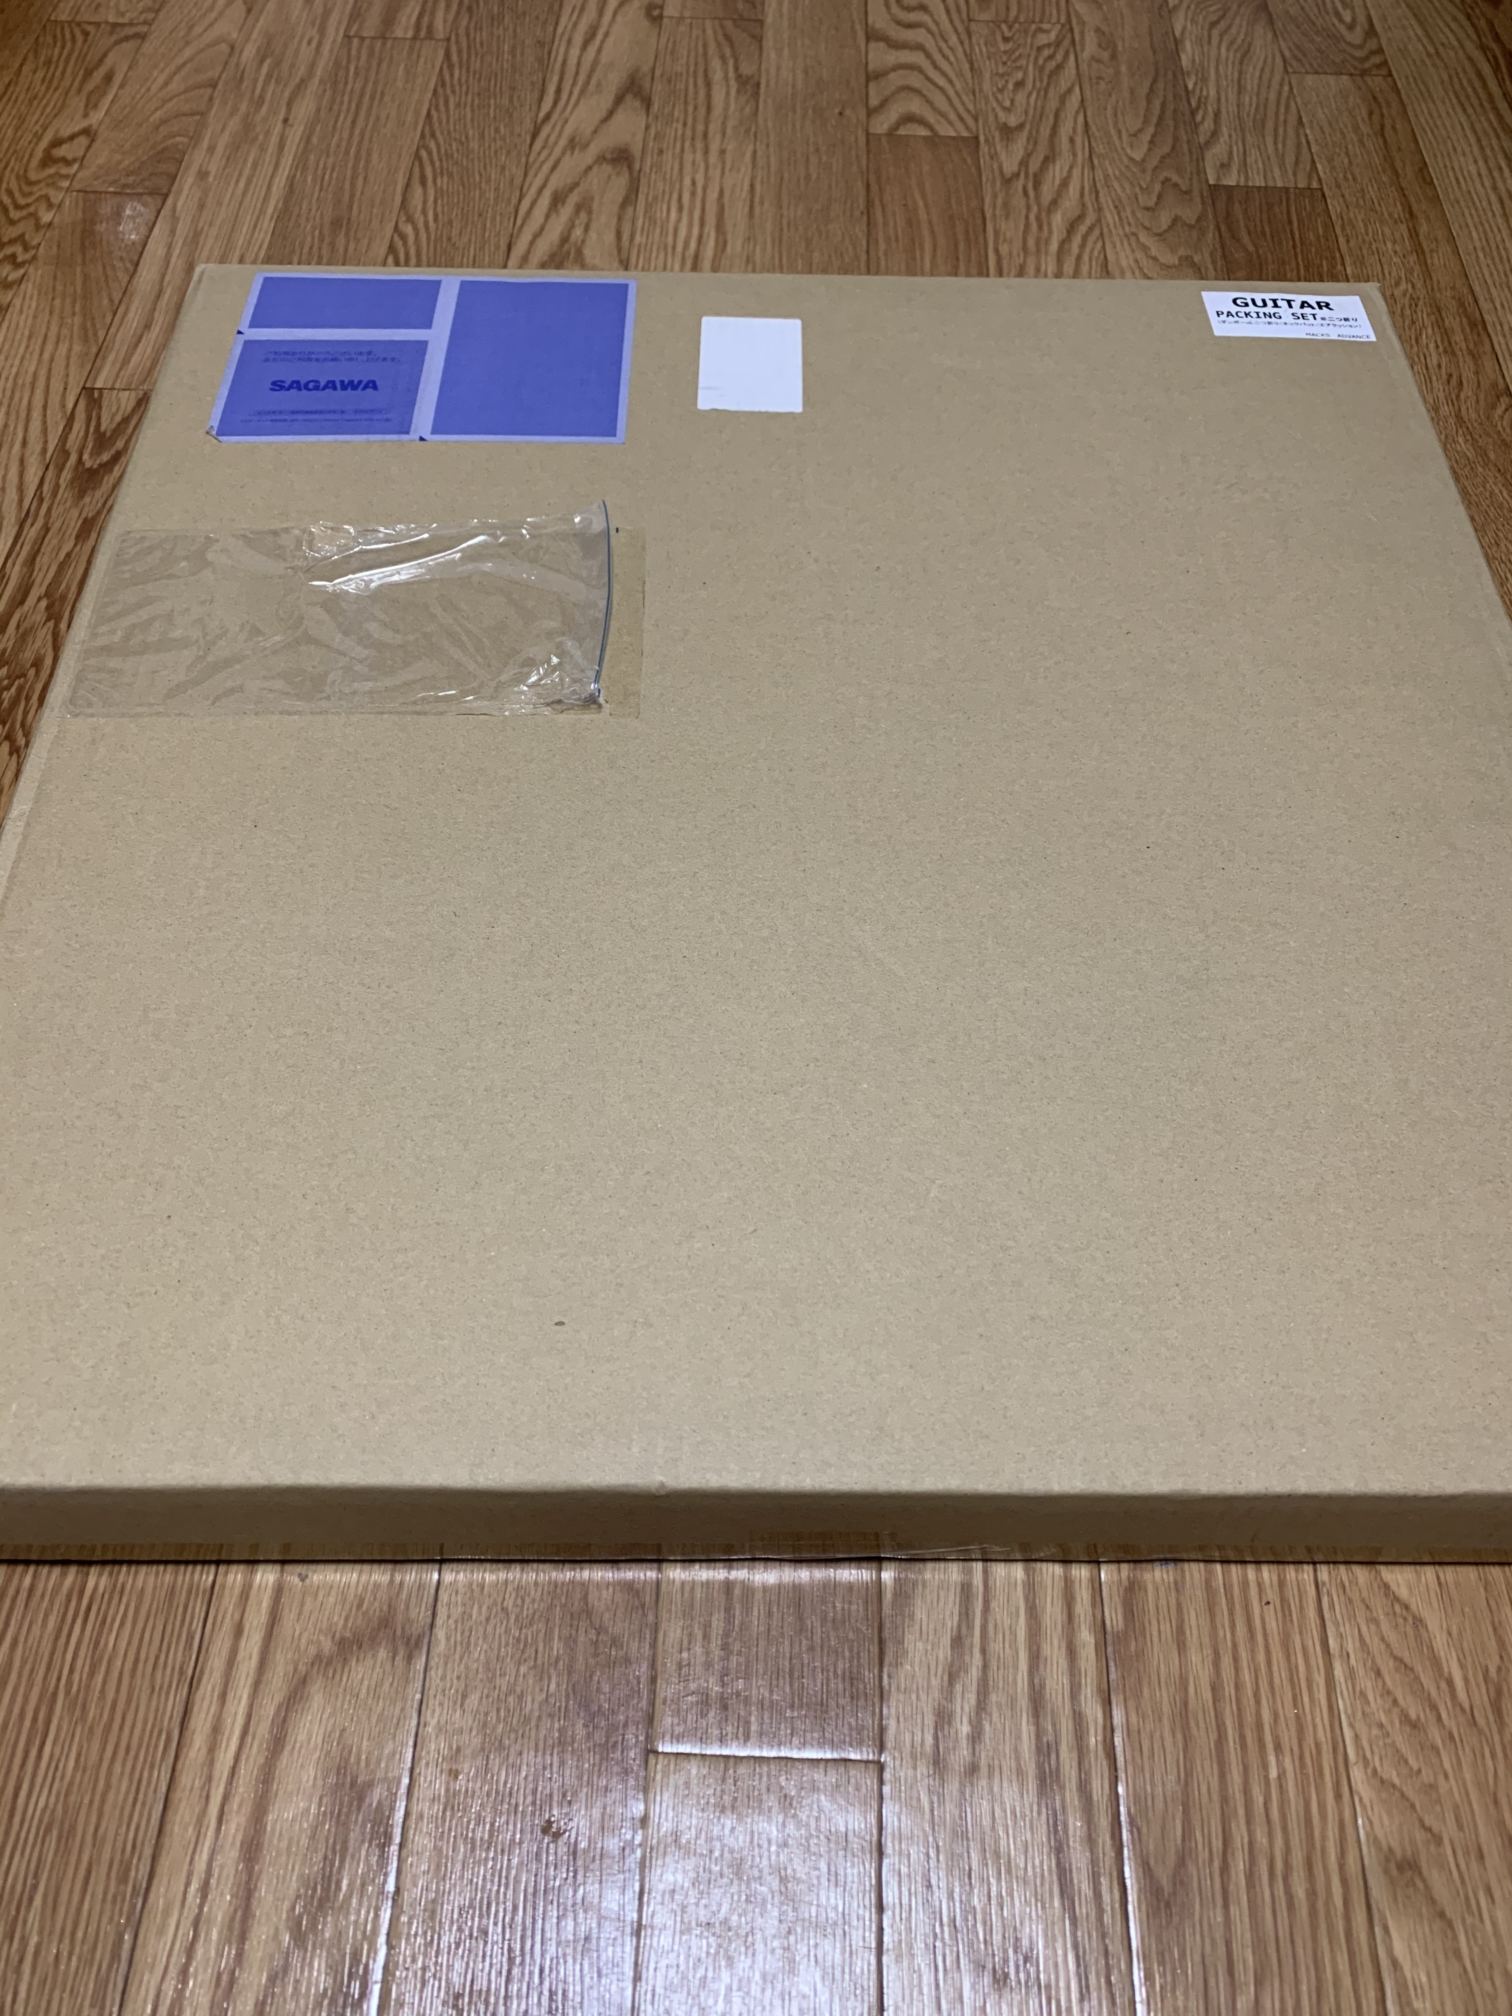 Amazonで購入したギター梱包用のダンボールが届いた